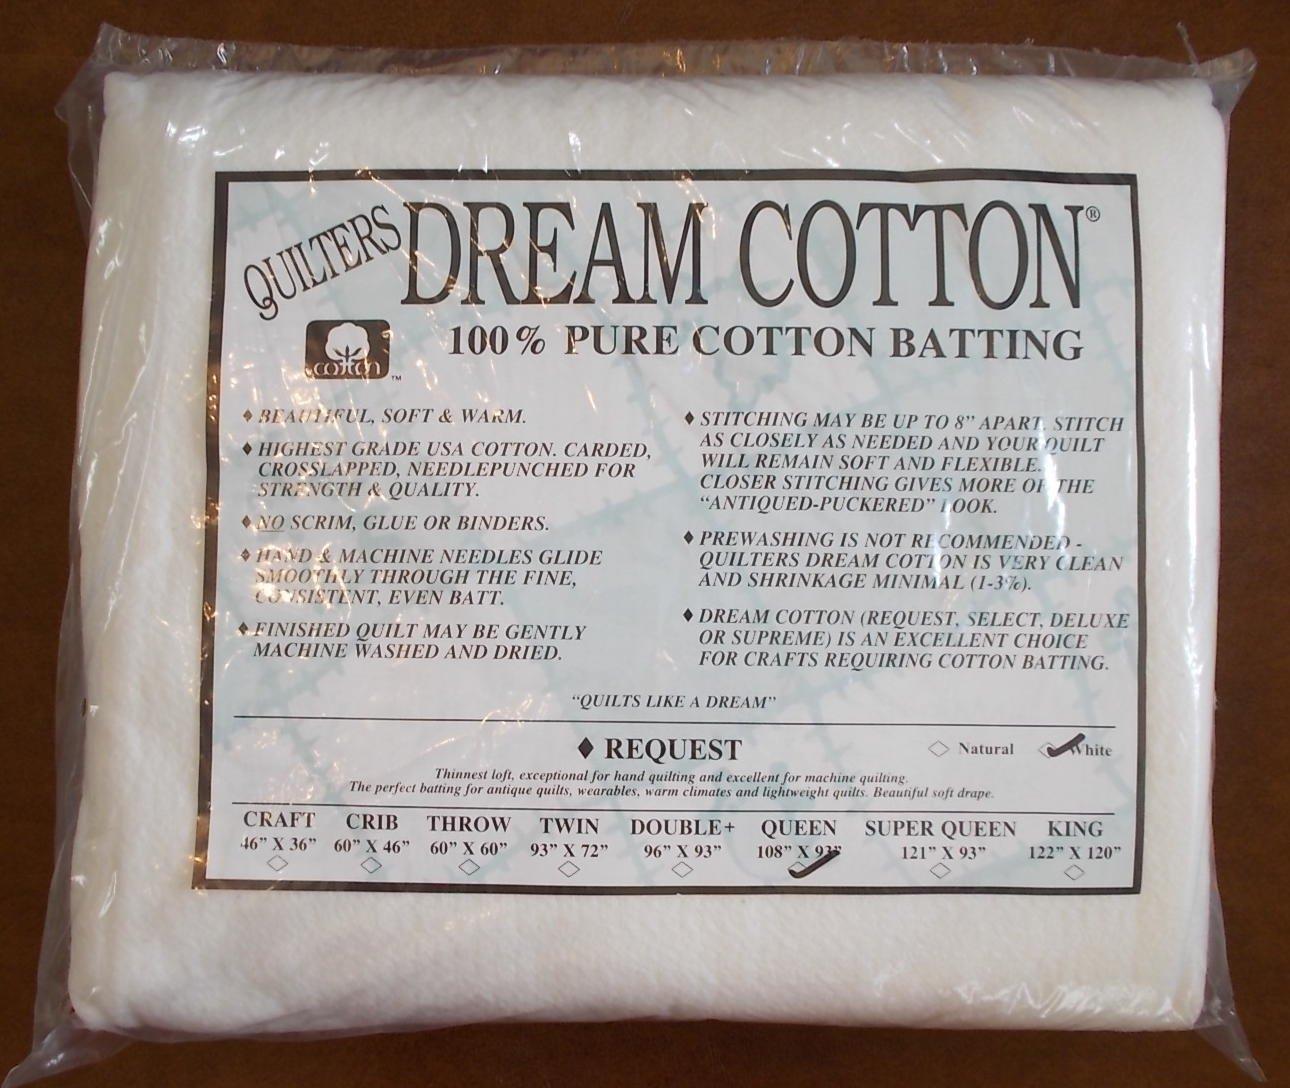 Quilters Dream Cotton White Request, Low Loft Batting - Queen Size 108'X93' Low Loft Batting - Queen Size 108X93